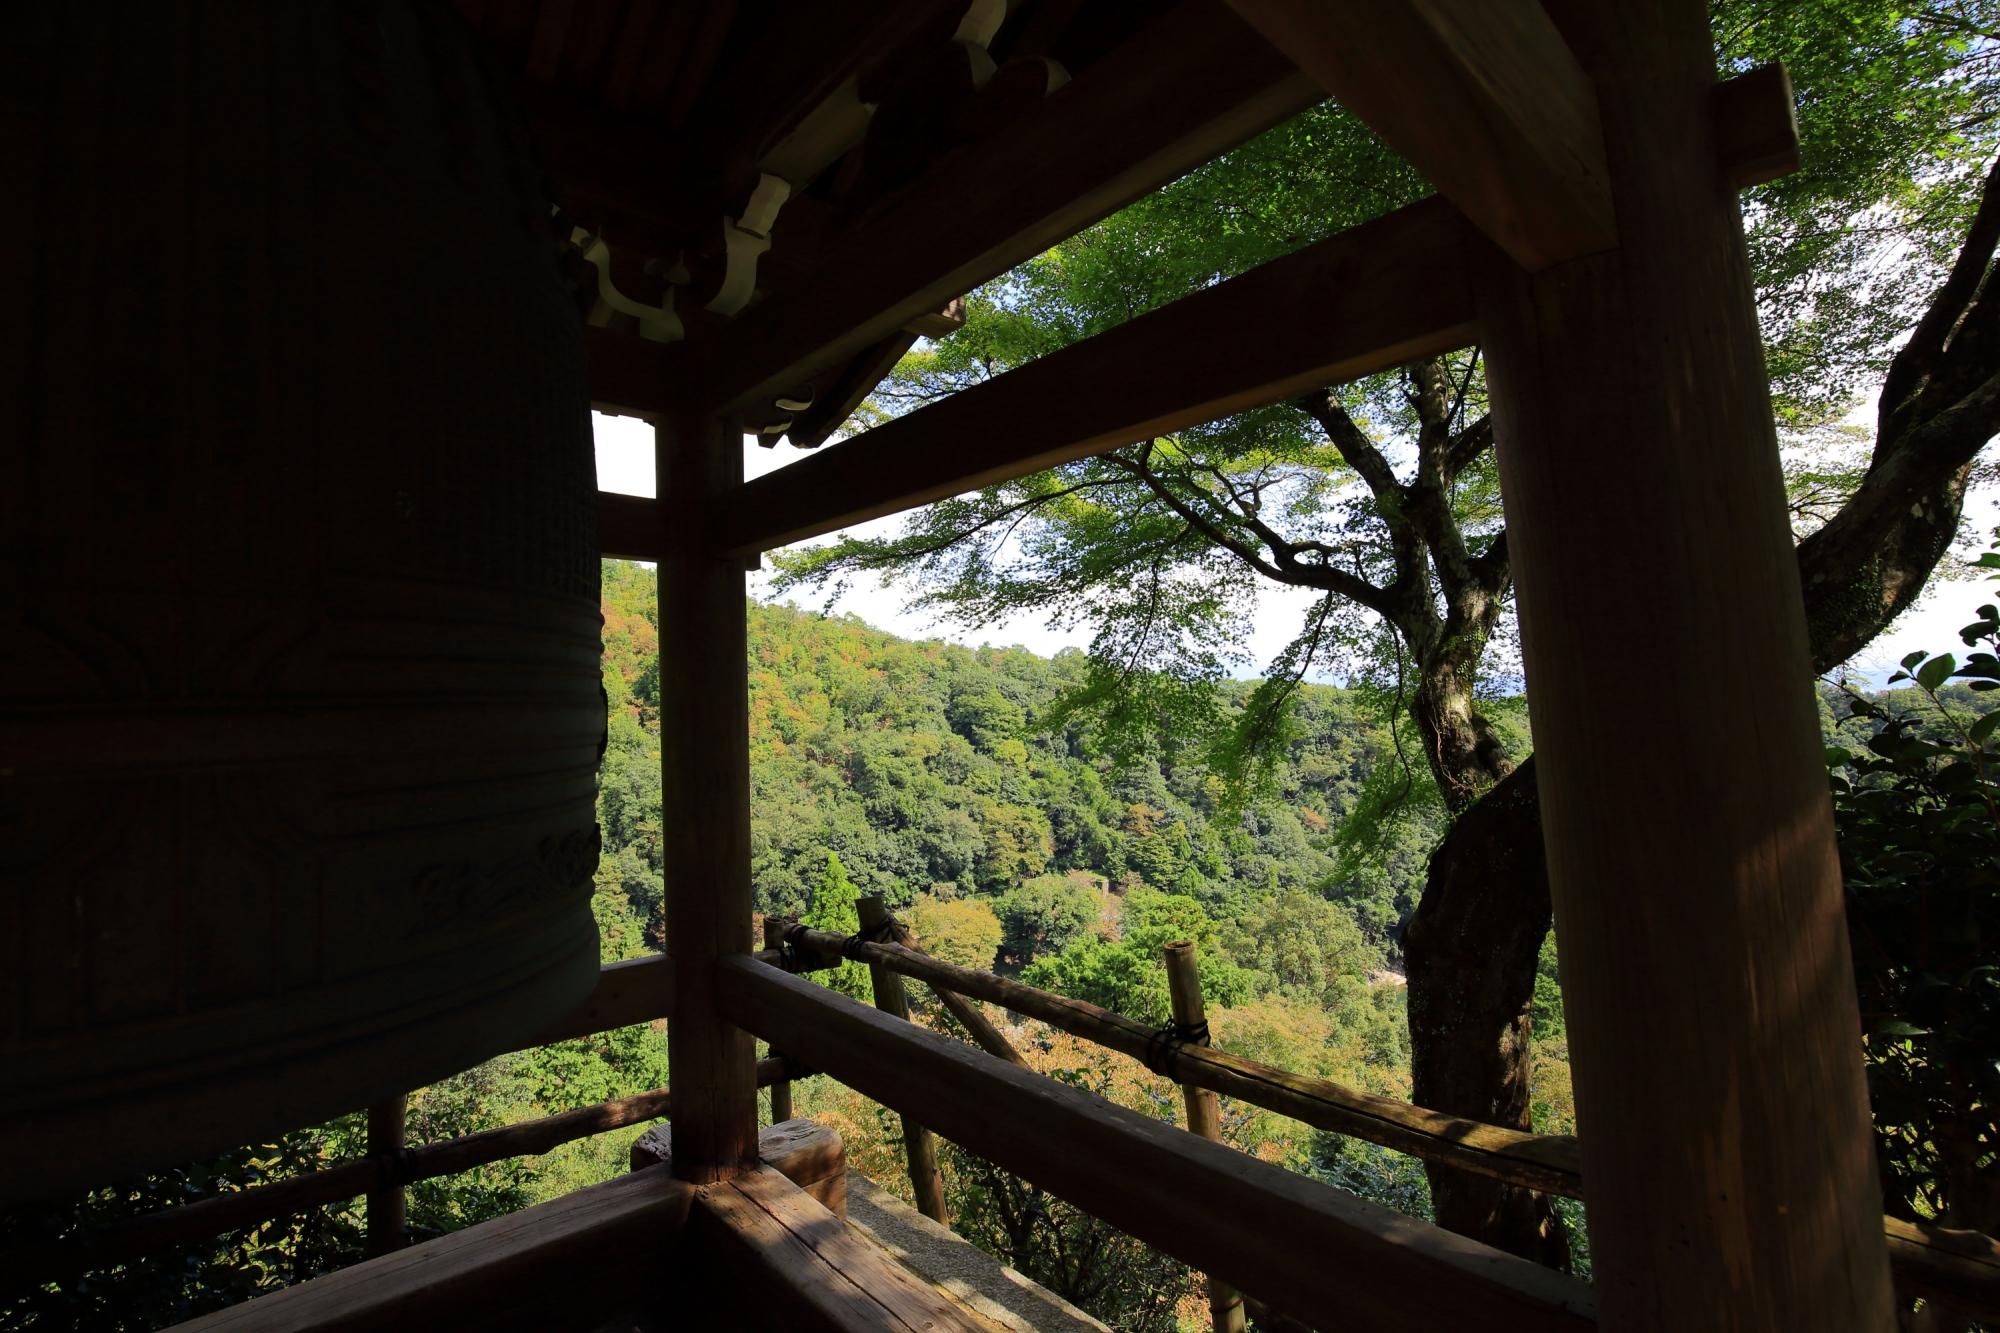 嵐山大悲閣 千光寺の鐘楼と青もみじ 2015年10月6日